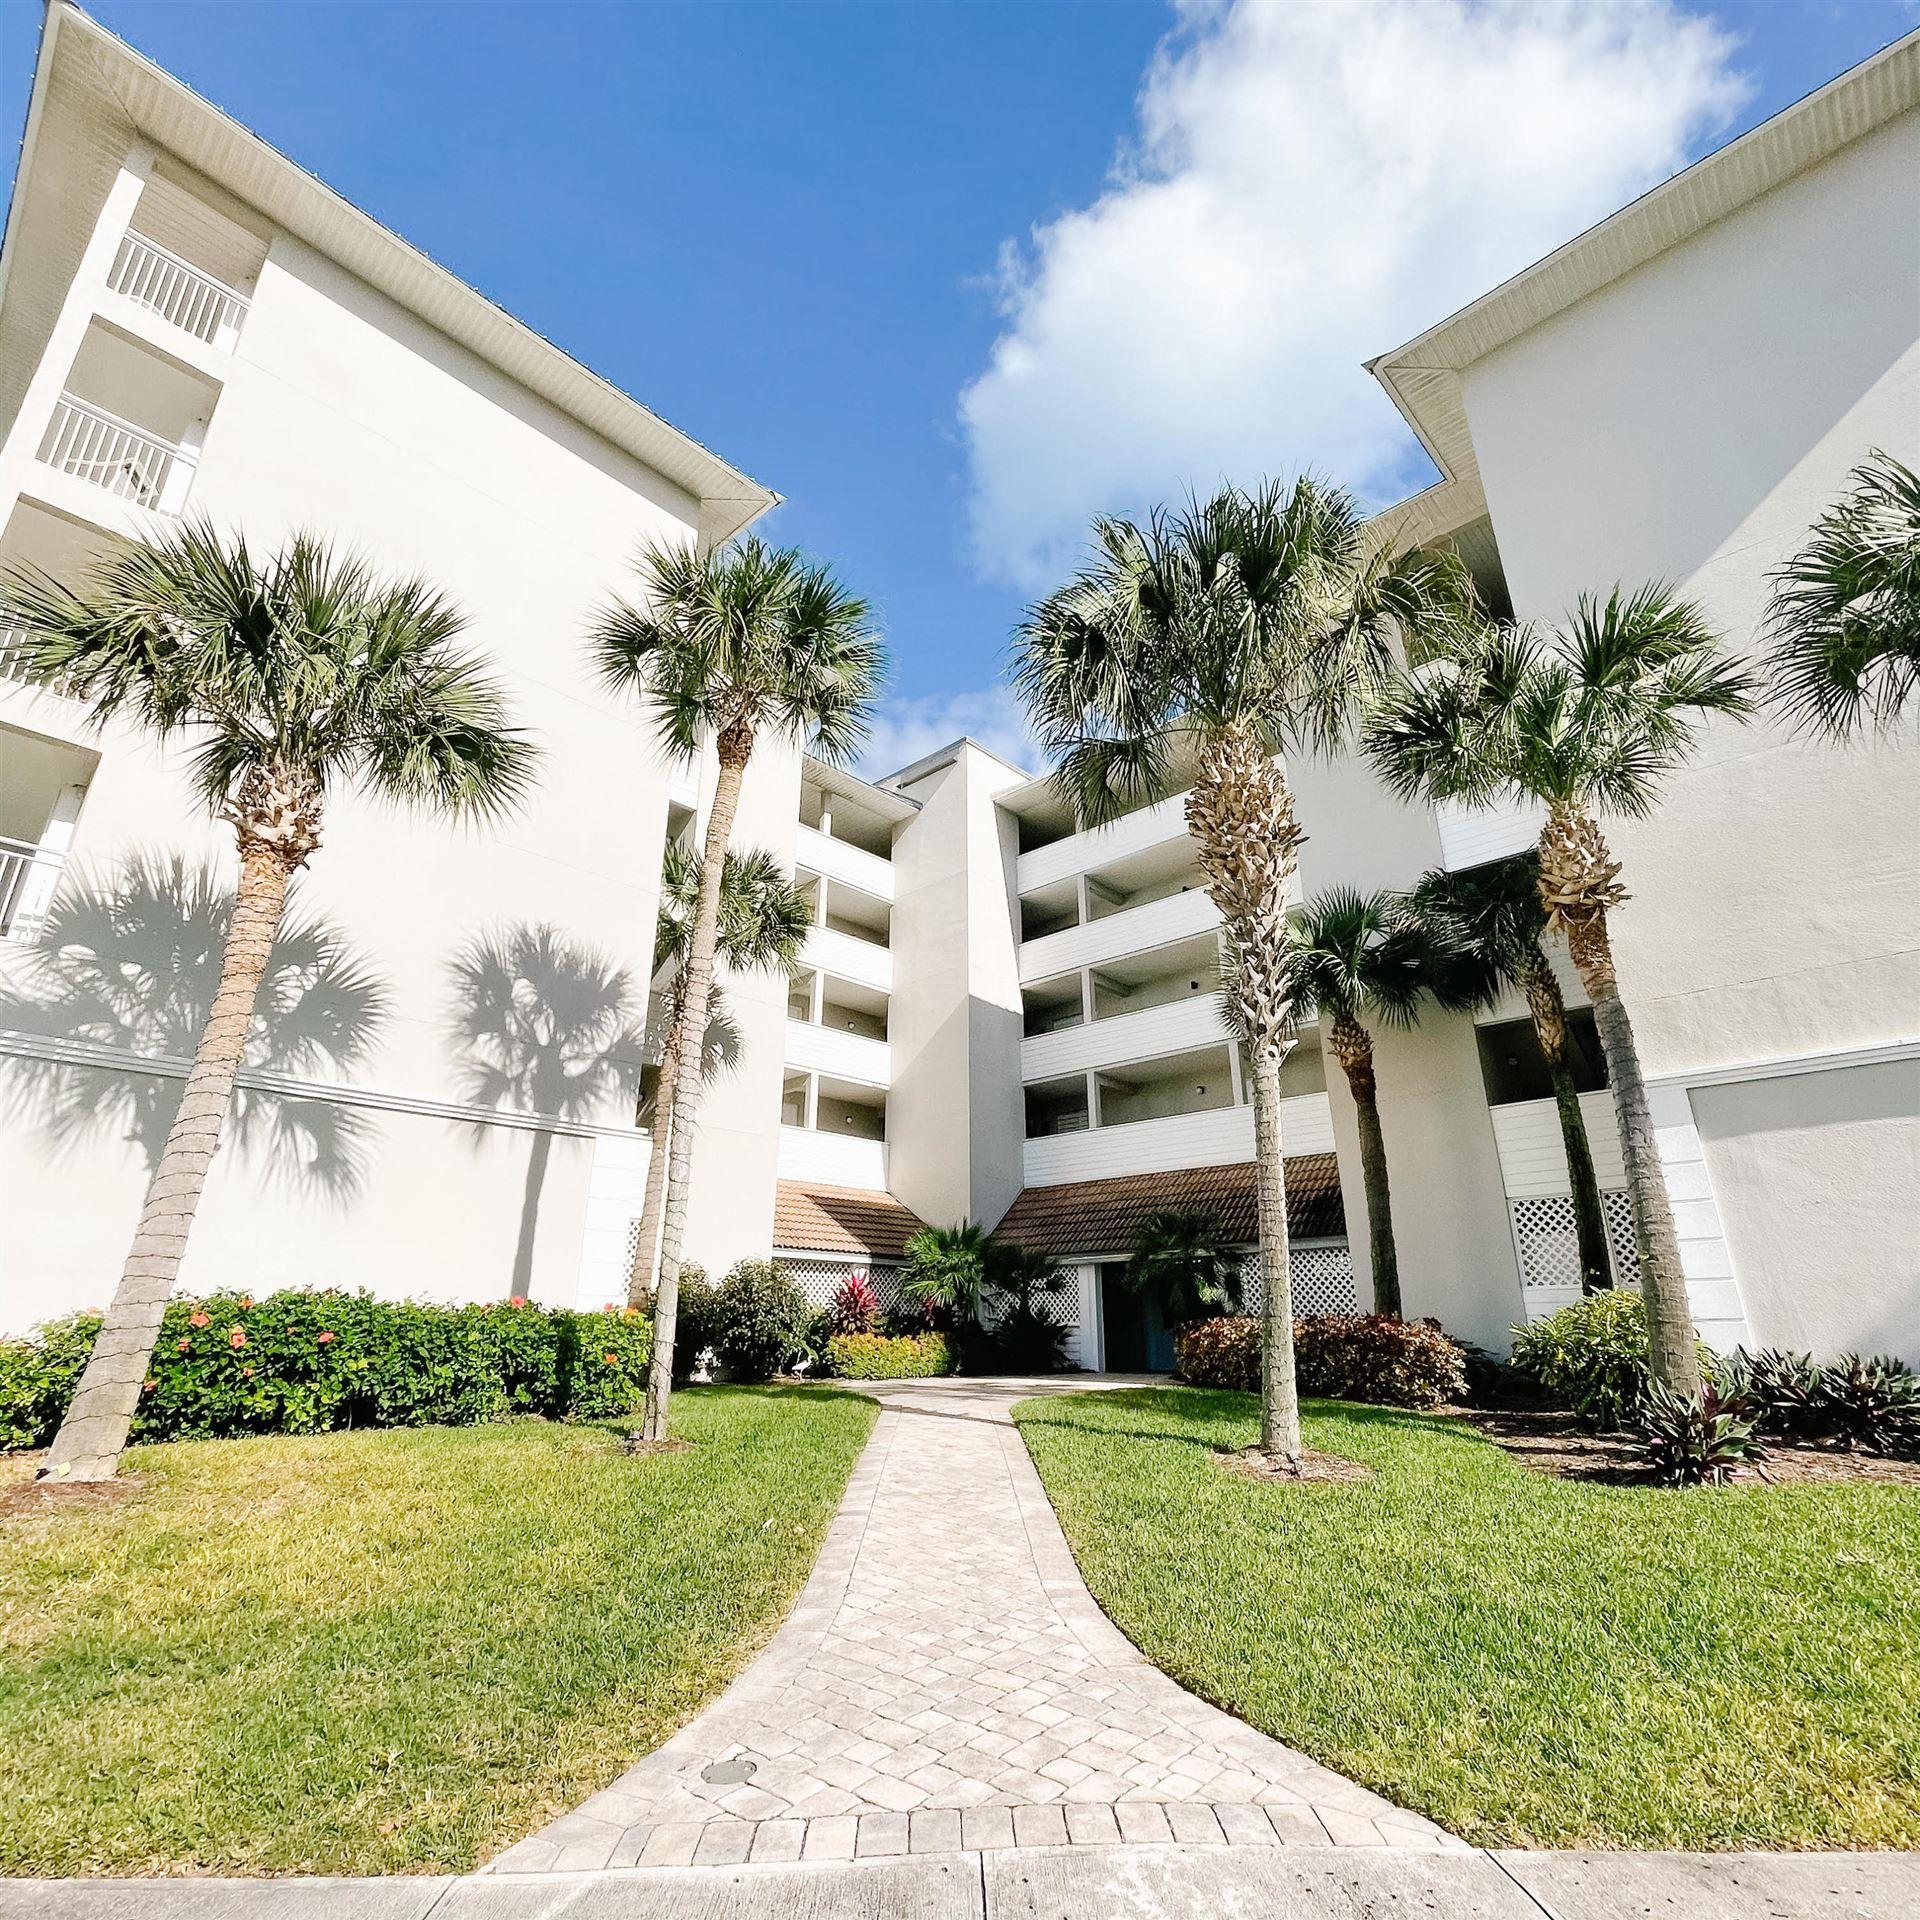 Photo of 379 NE Tradewind Lane #1203, Stuart, FL 34996 (MLS # RX-10685640)